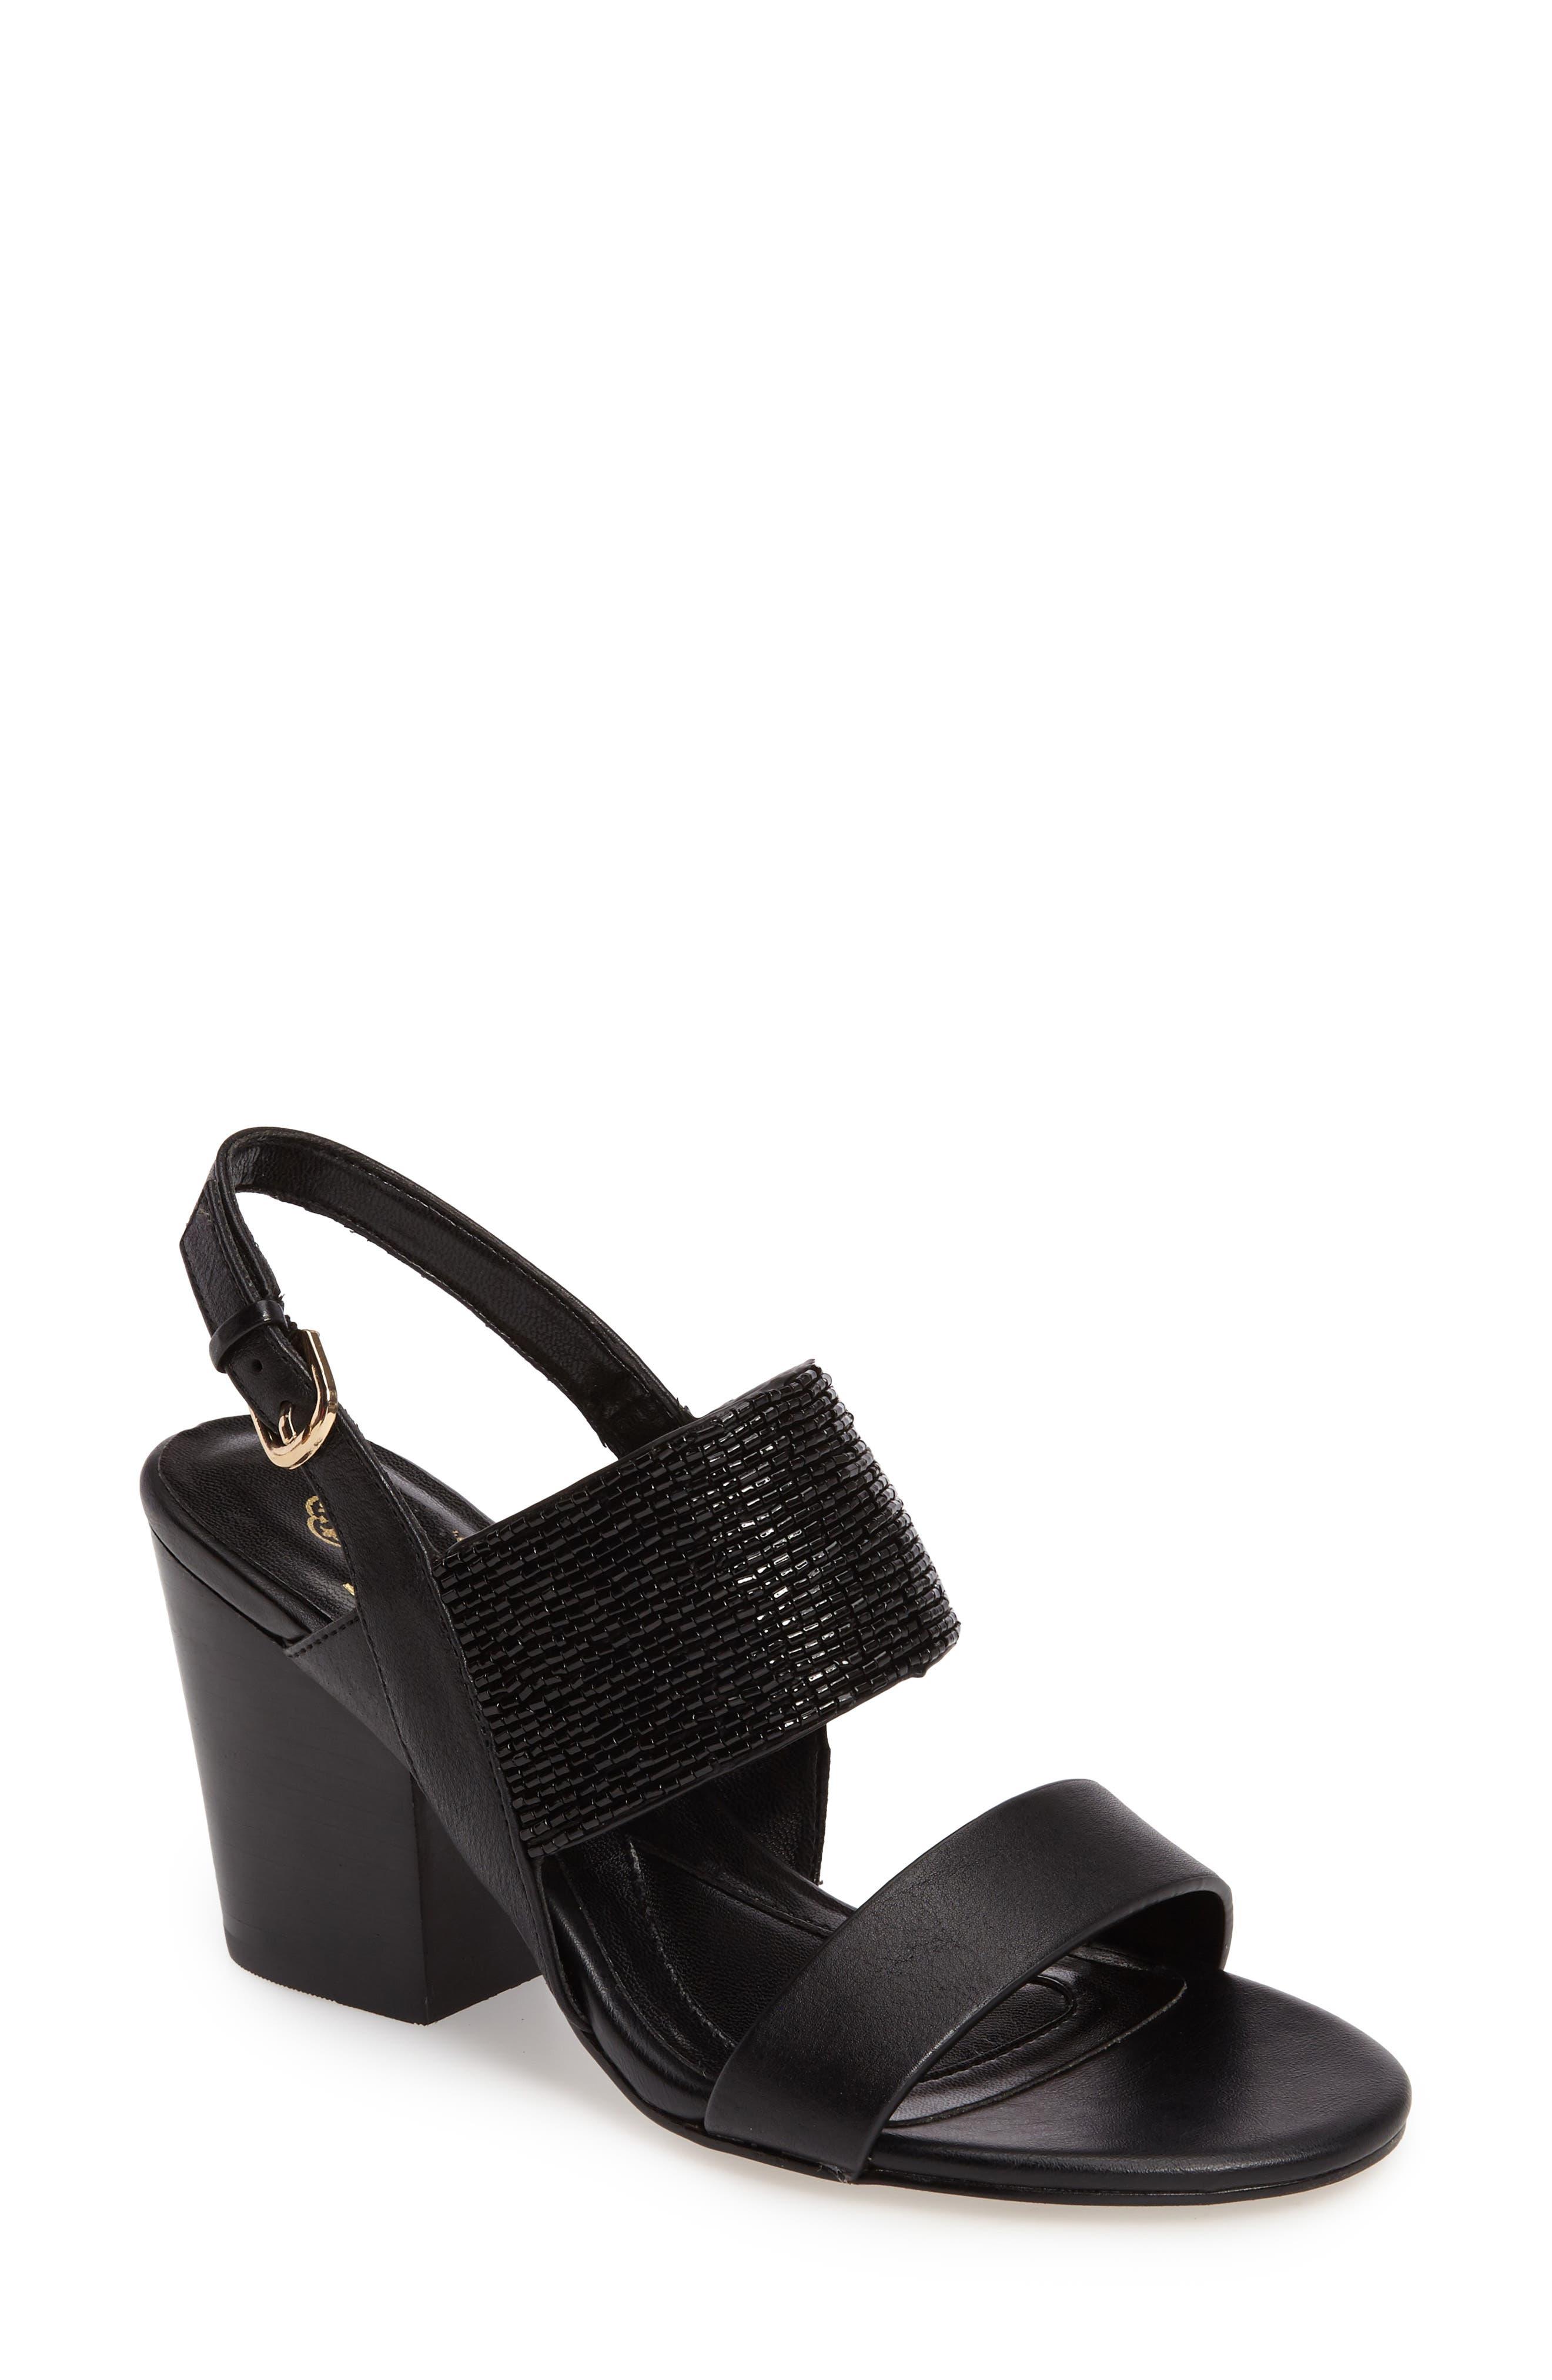 Alternate Image 1 Selected - Isolá Lia Block Heel Sandal (Women)